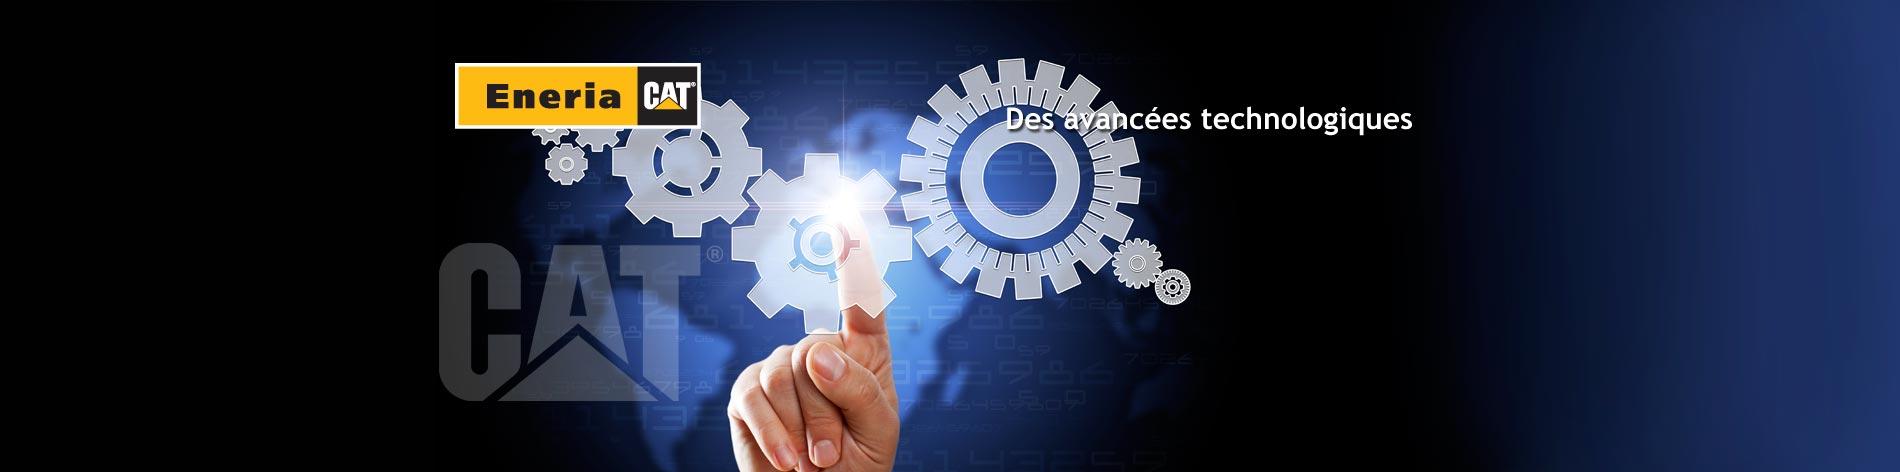 L'utilisation systématique et stratégique de technologies répond aux critères de productivité, rendement énergétique, fiabilité et durée de services de nos clients.